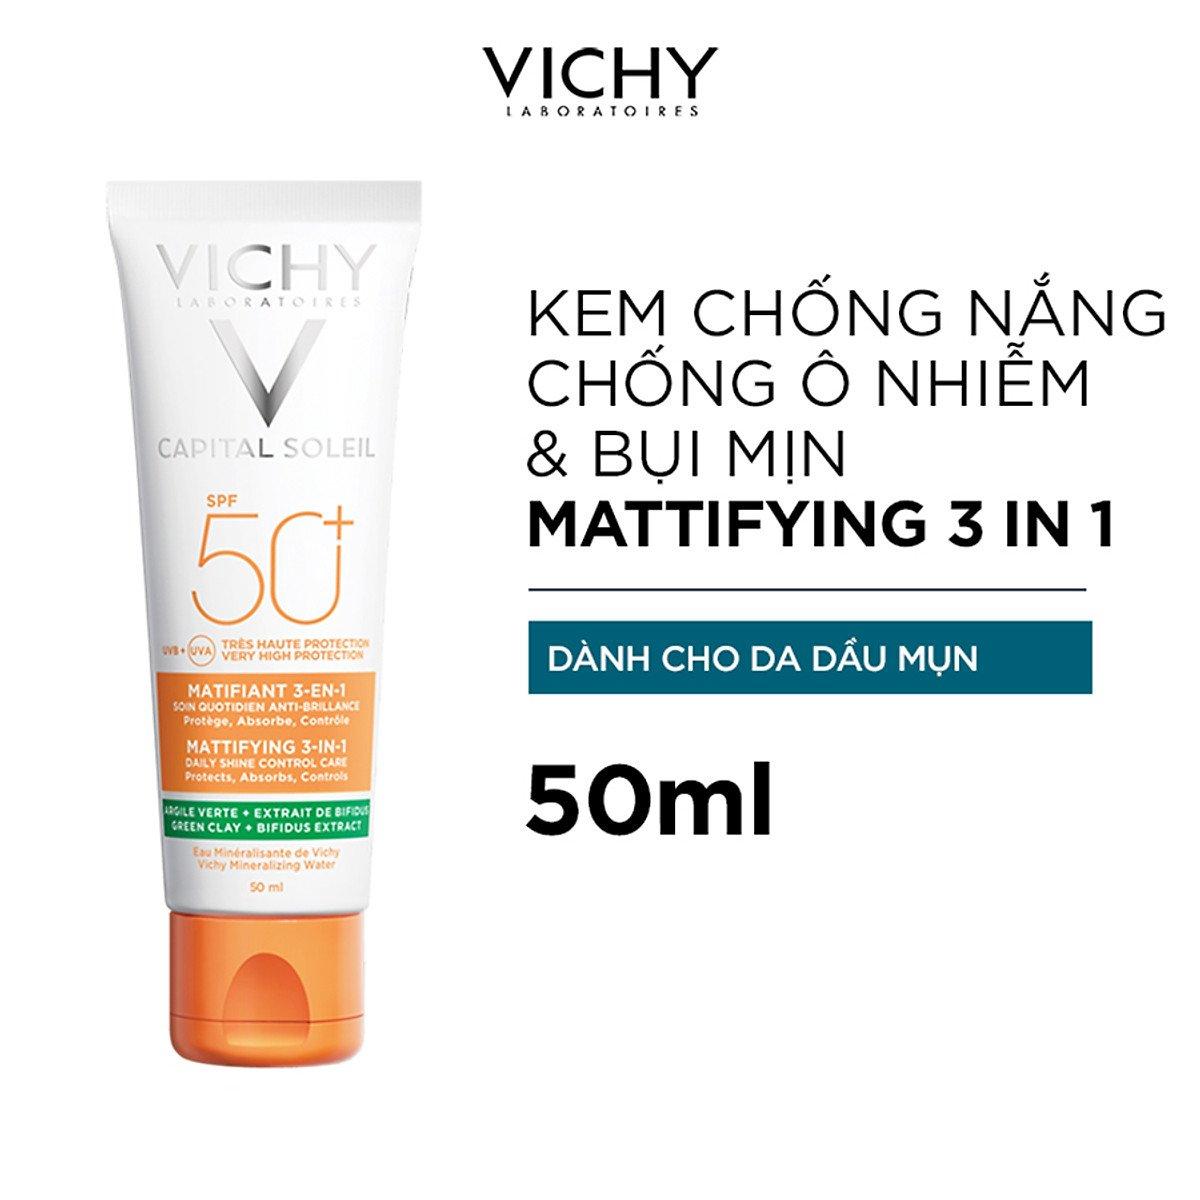 Kem Chống Nắng Hỗ Trợ Ngăn Ô Nhiễm Bụi Mịn Vichy Mattifying 50ml 1